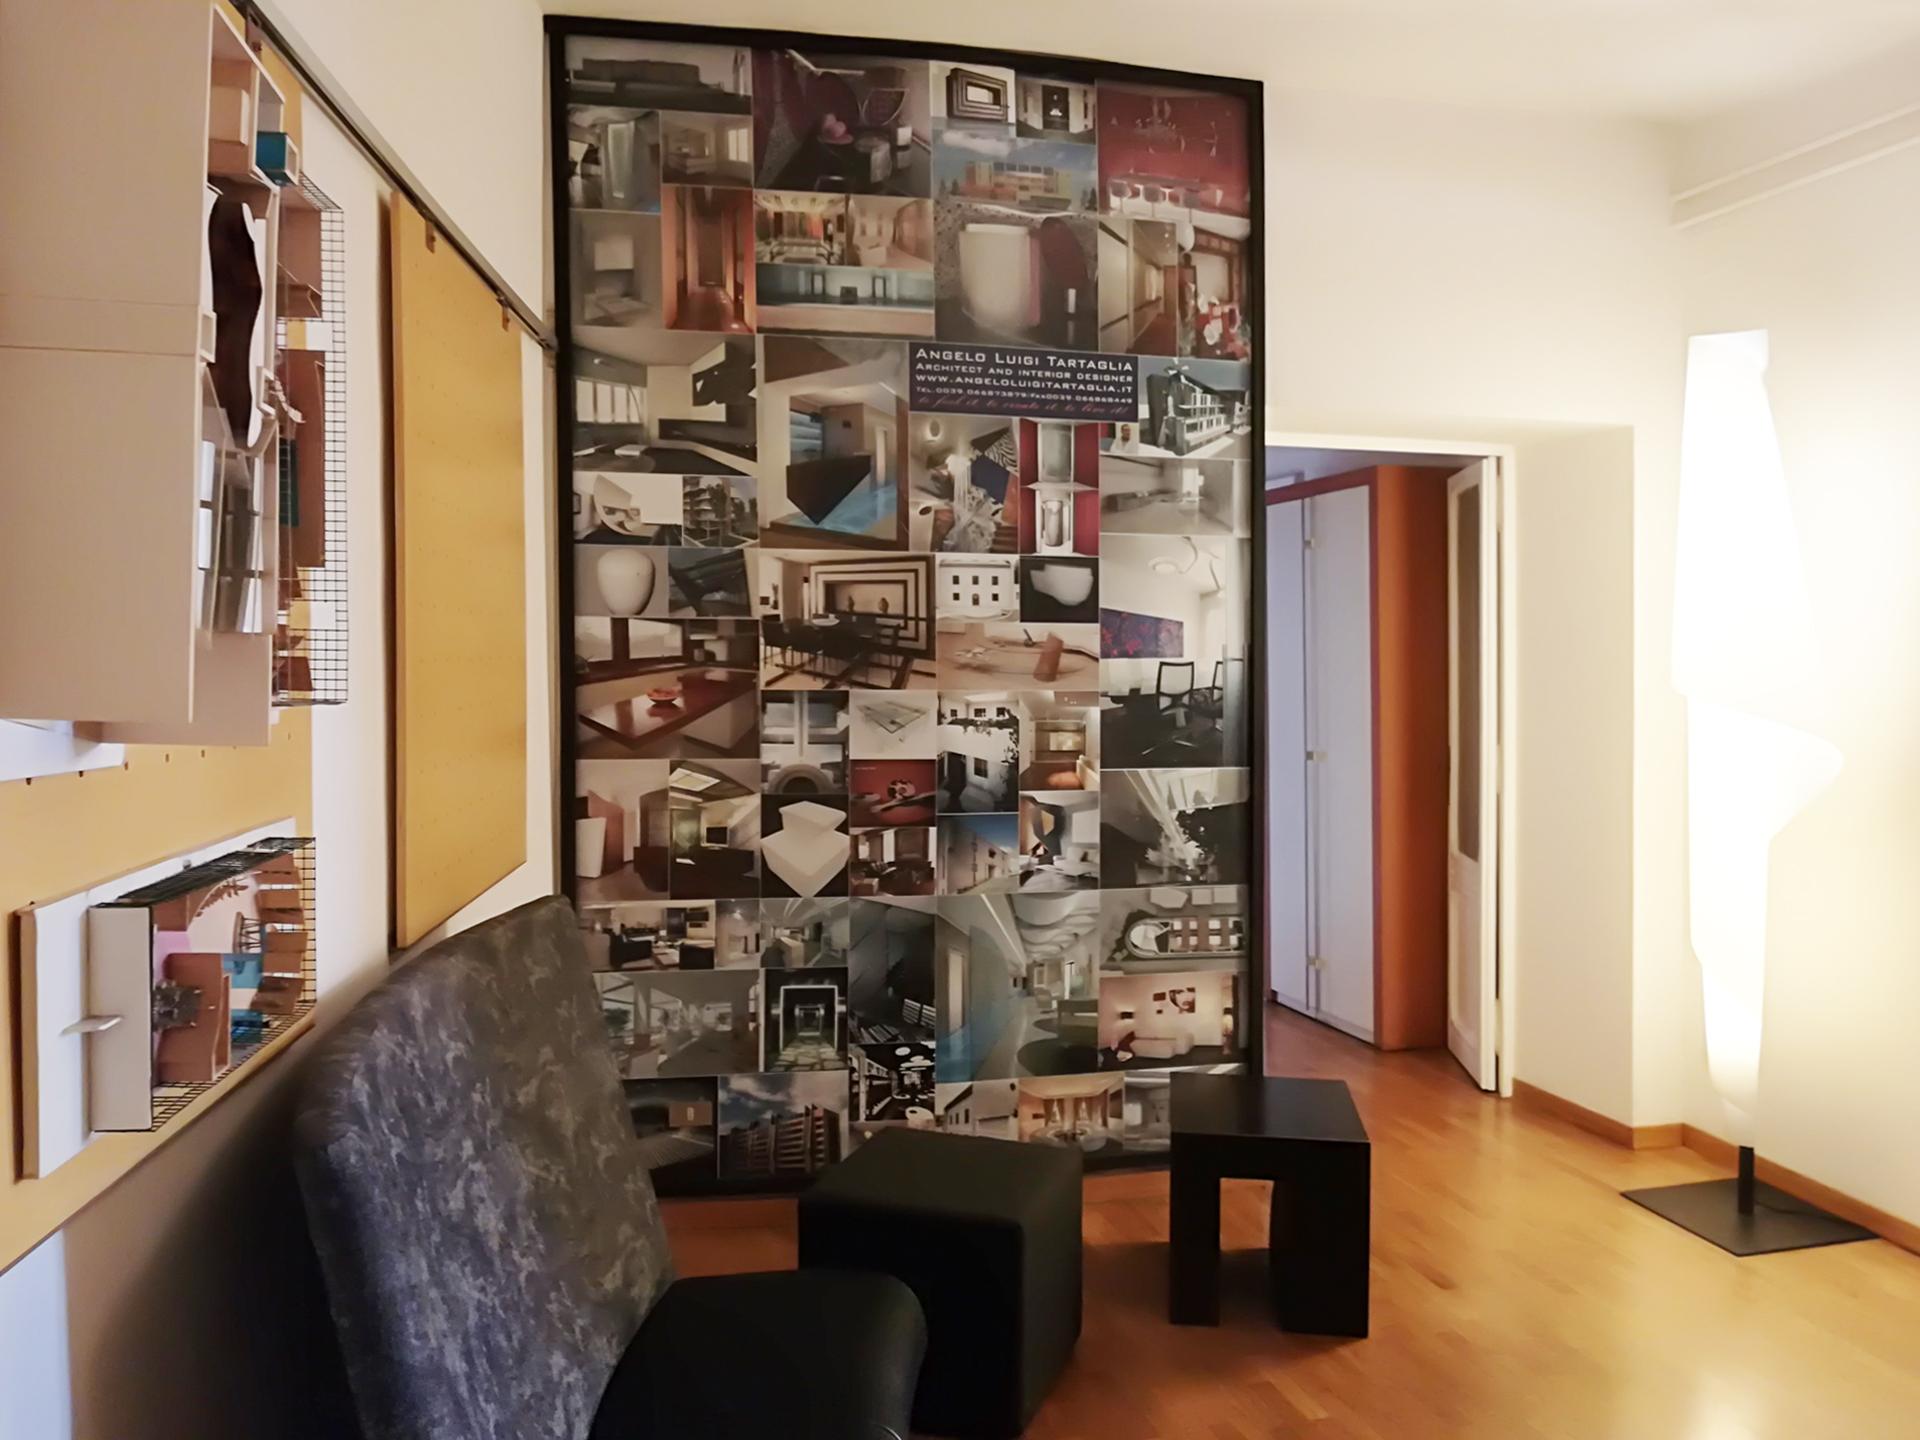 Angelo Luigi Tartaglia Studio - Via Boezio 92 - Roma RM